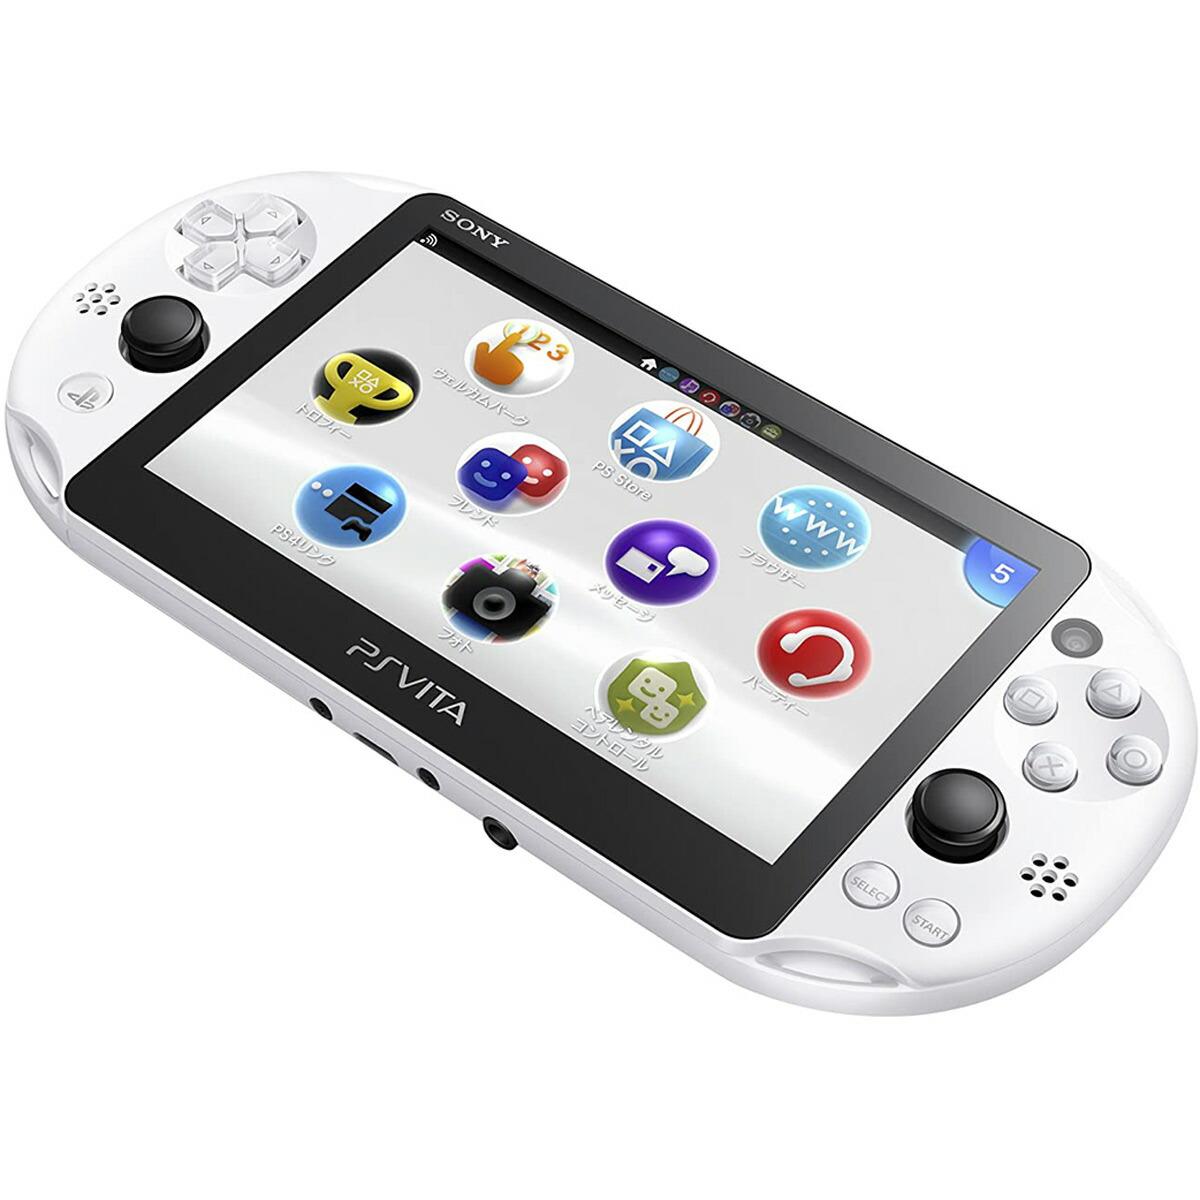 【送料無料】SONY PlayStationVITA 本体 PCH-2000 ZA22 プレゼント ギフト 人気 誕生日プレゼント ランキング 2021 おもちゃ 景品 誕生日 小学生 子供 こども 子ども会ゲーム